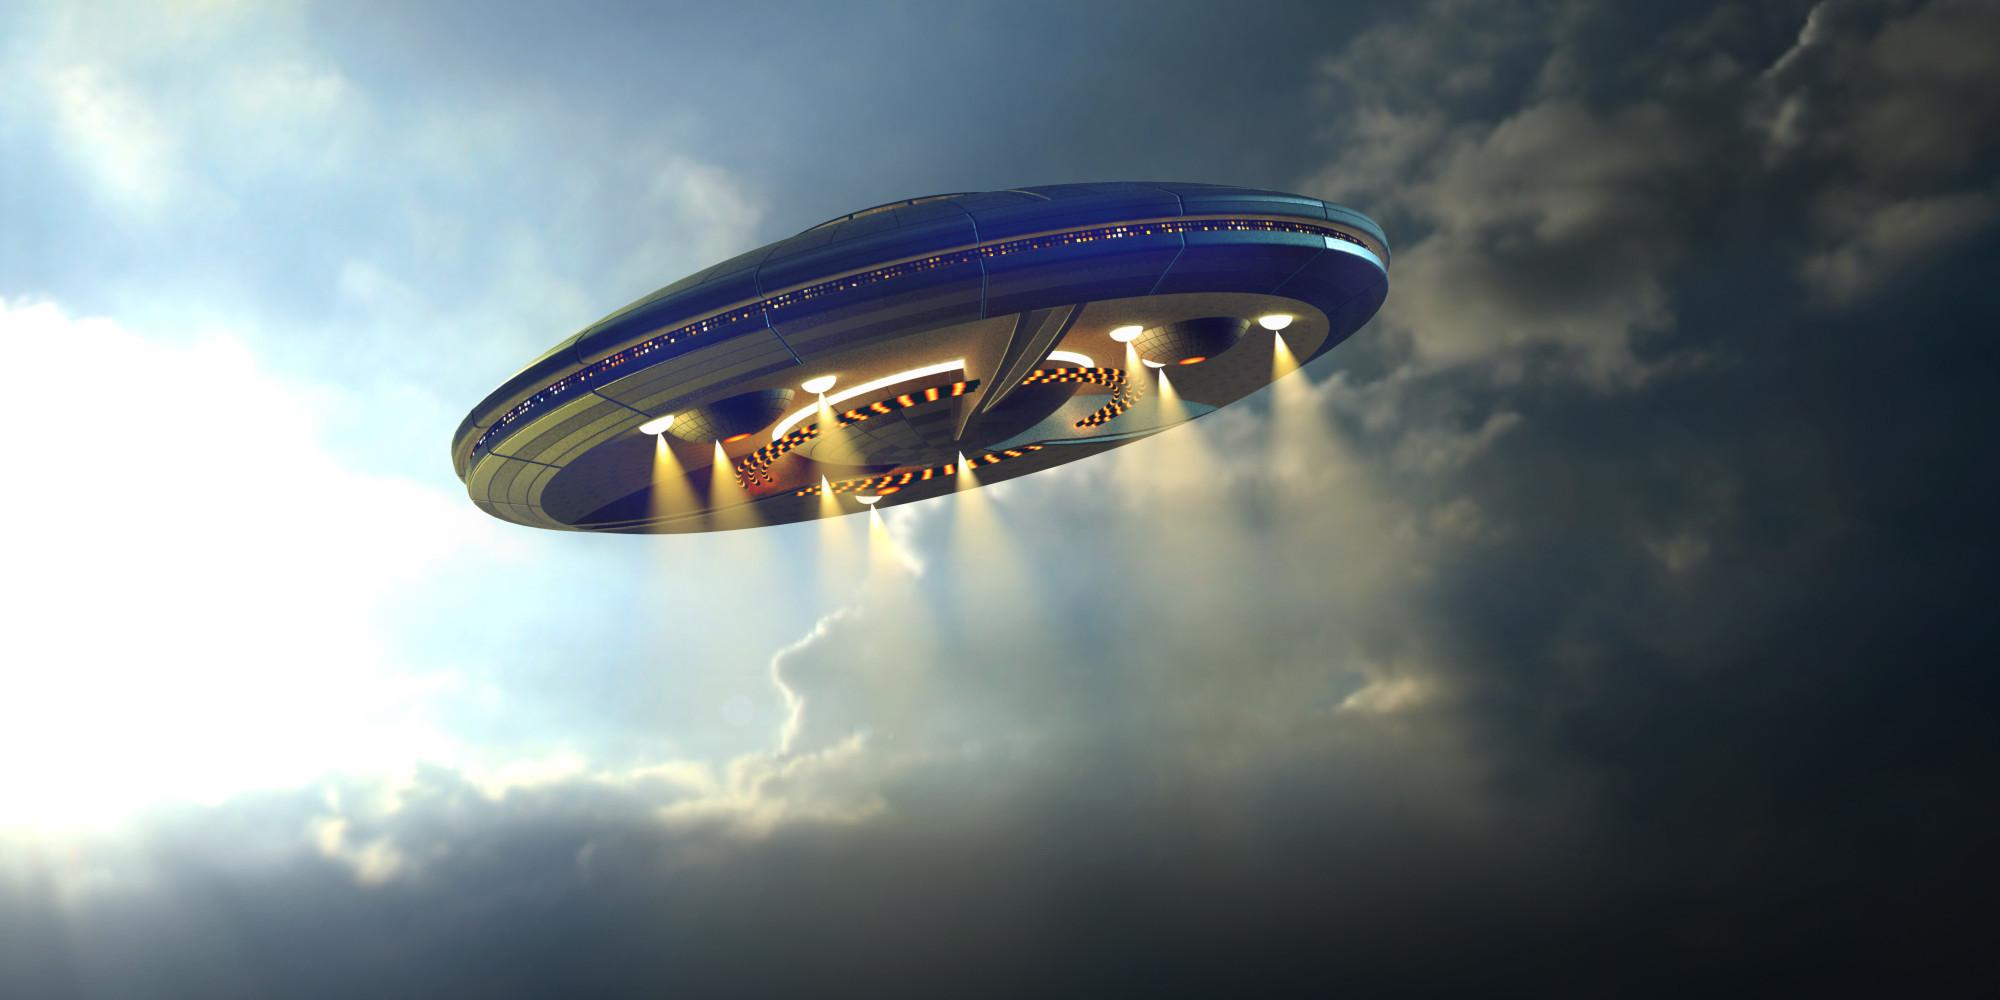 Вweb-сети интернет появились ВИДЕОДОКАЗАТЕЛЬСТВА существования внеземных цивилизаций